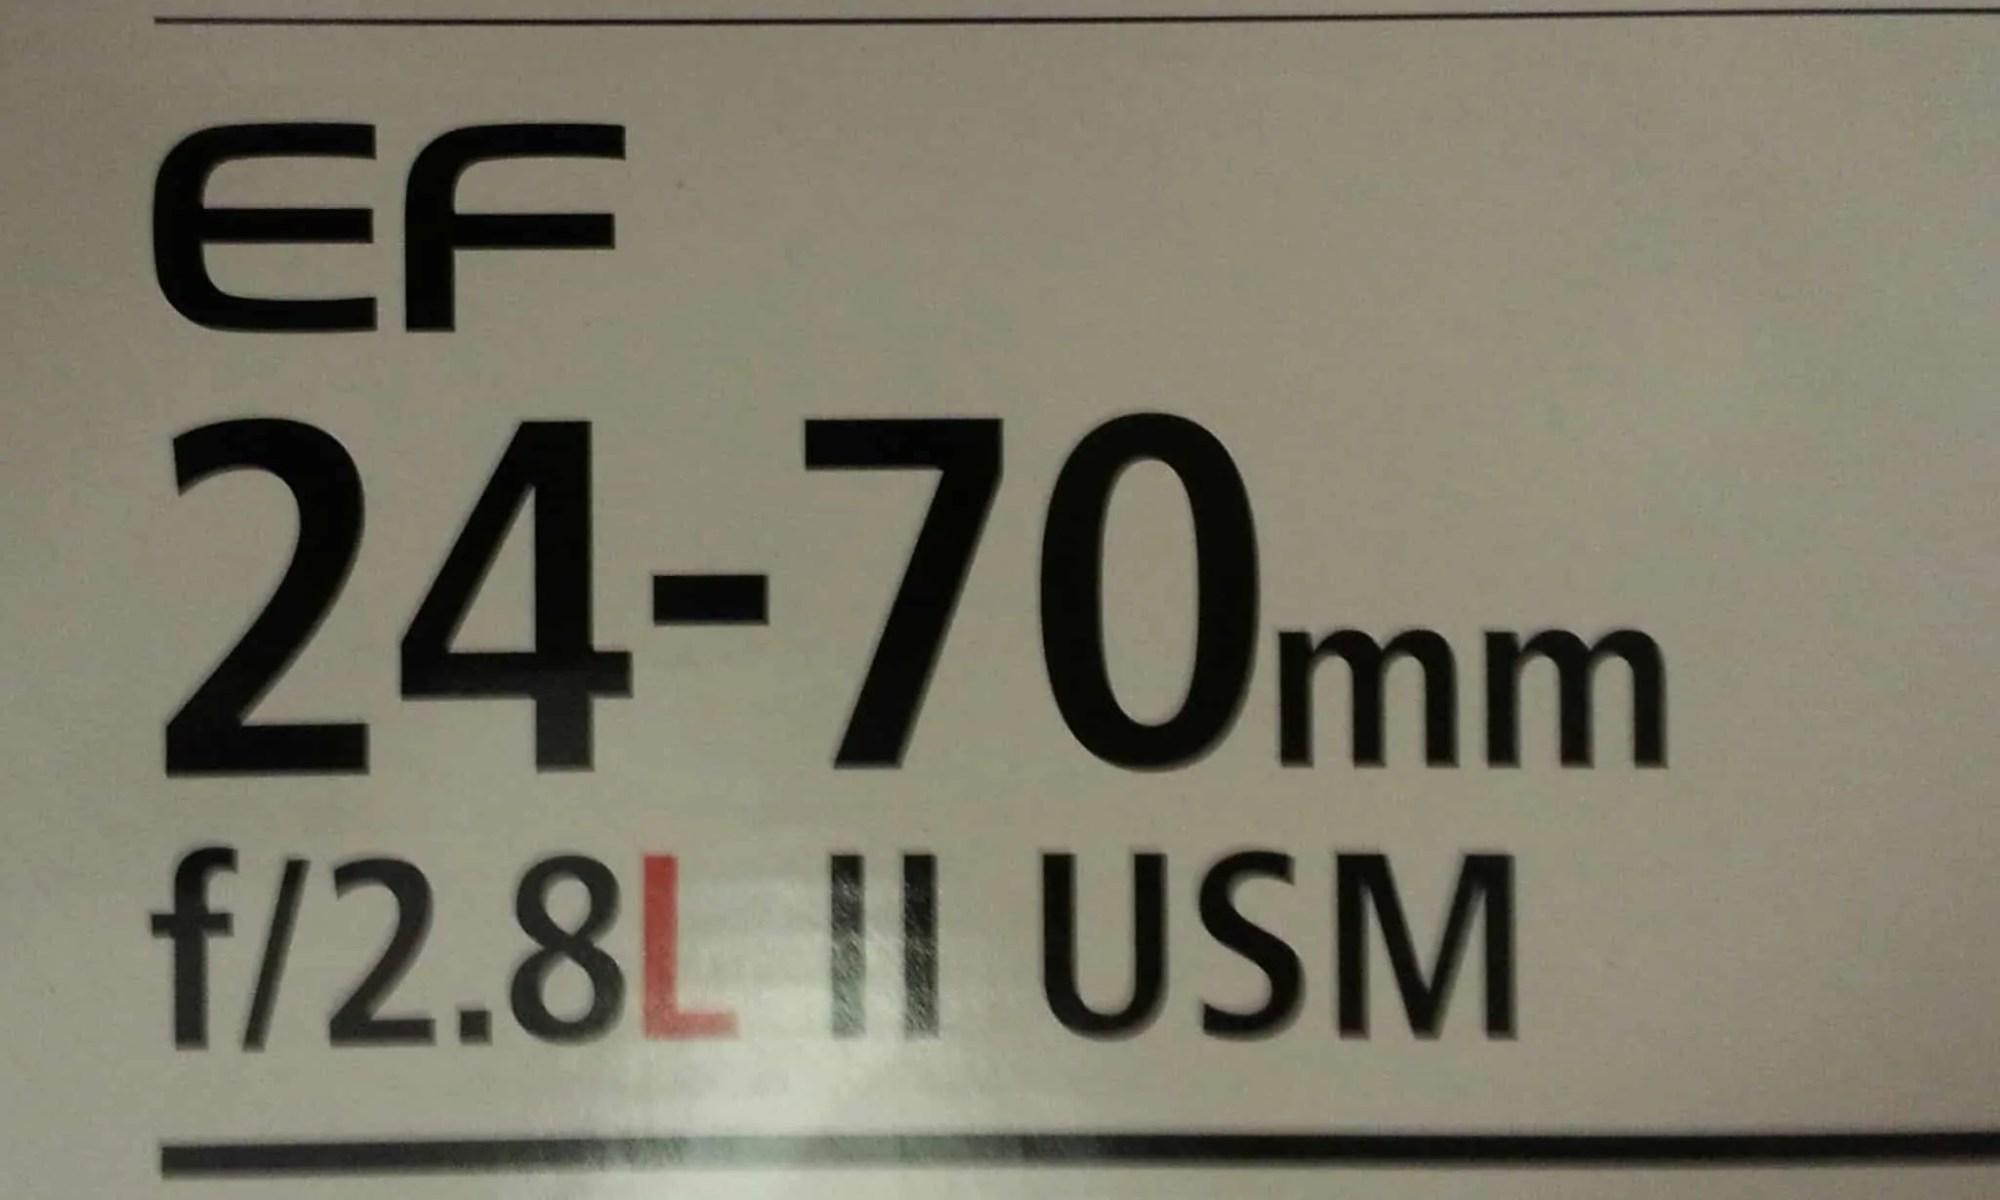 Canon EF 24-70mm f/ 2.8L II USM Lens Box